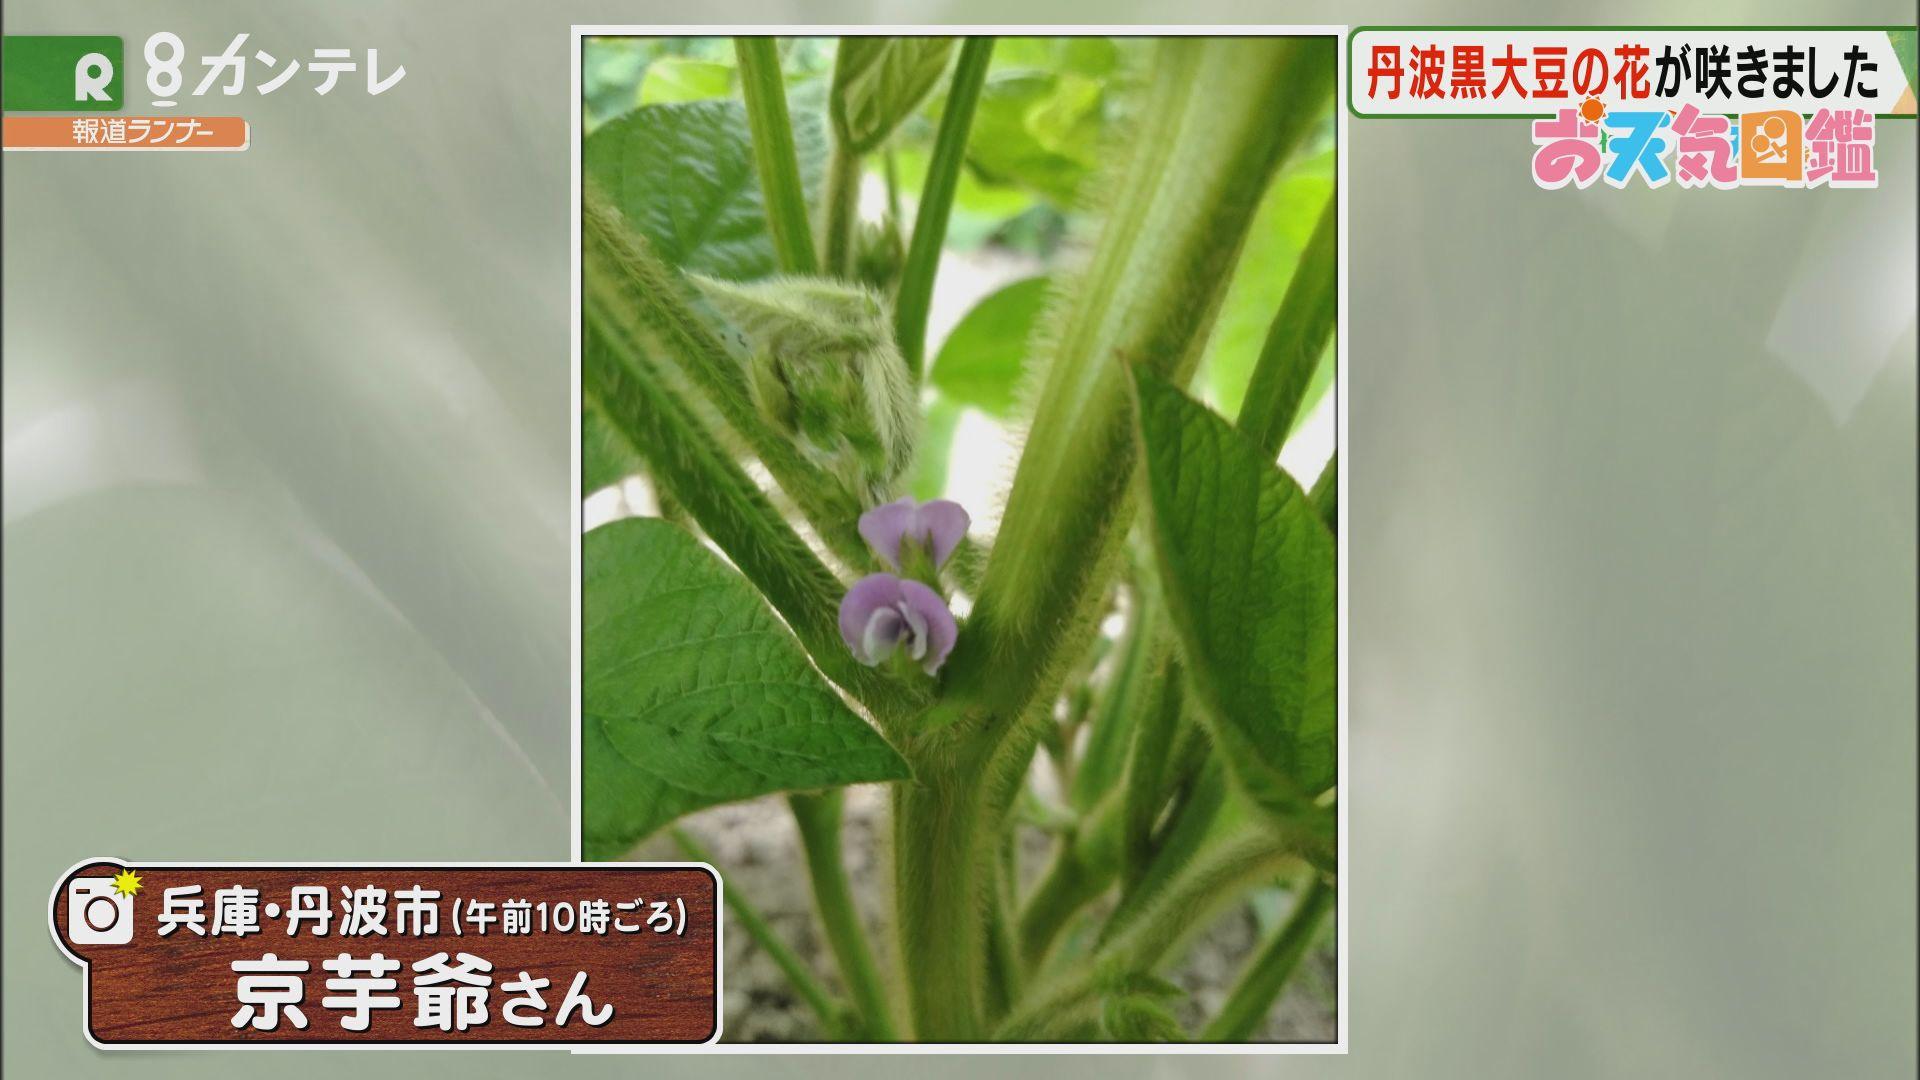 「丹波黒大豆」(兵庫・丹波市)